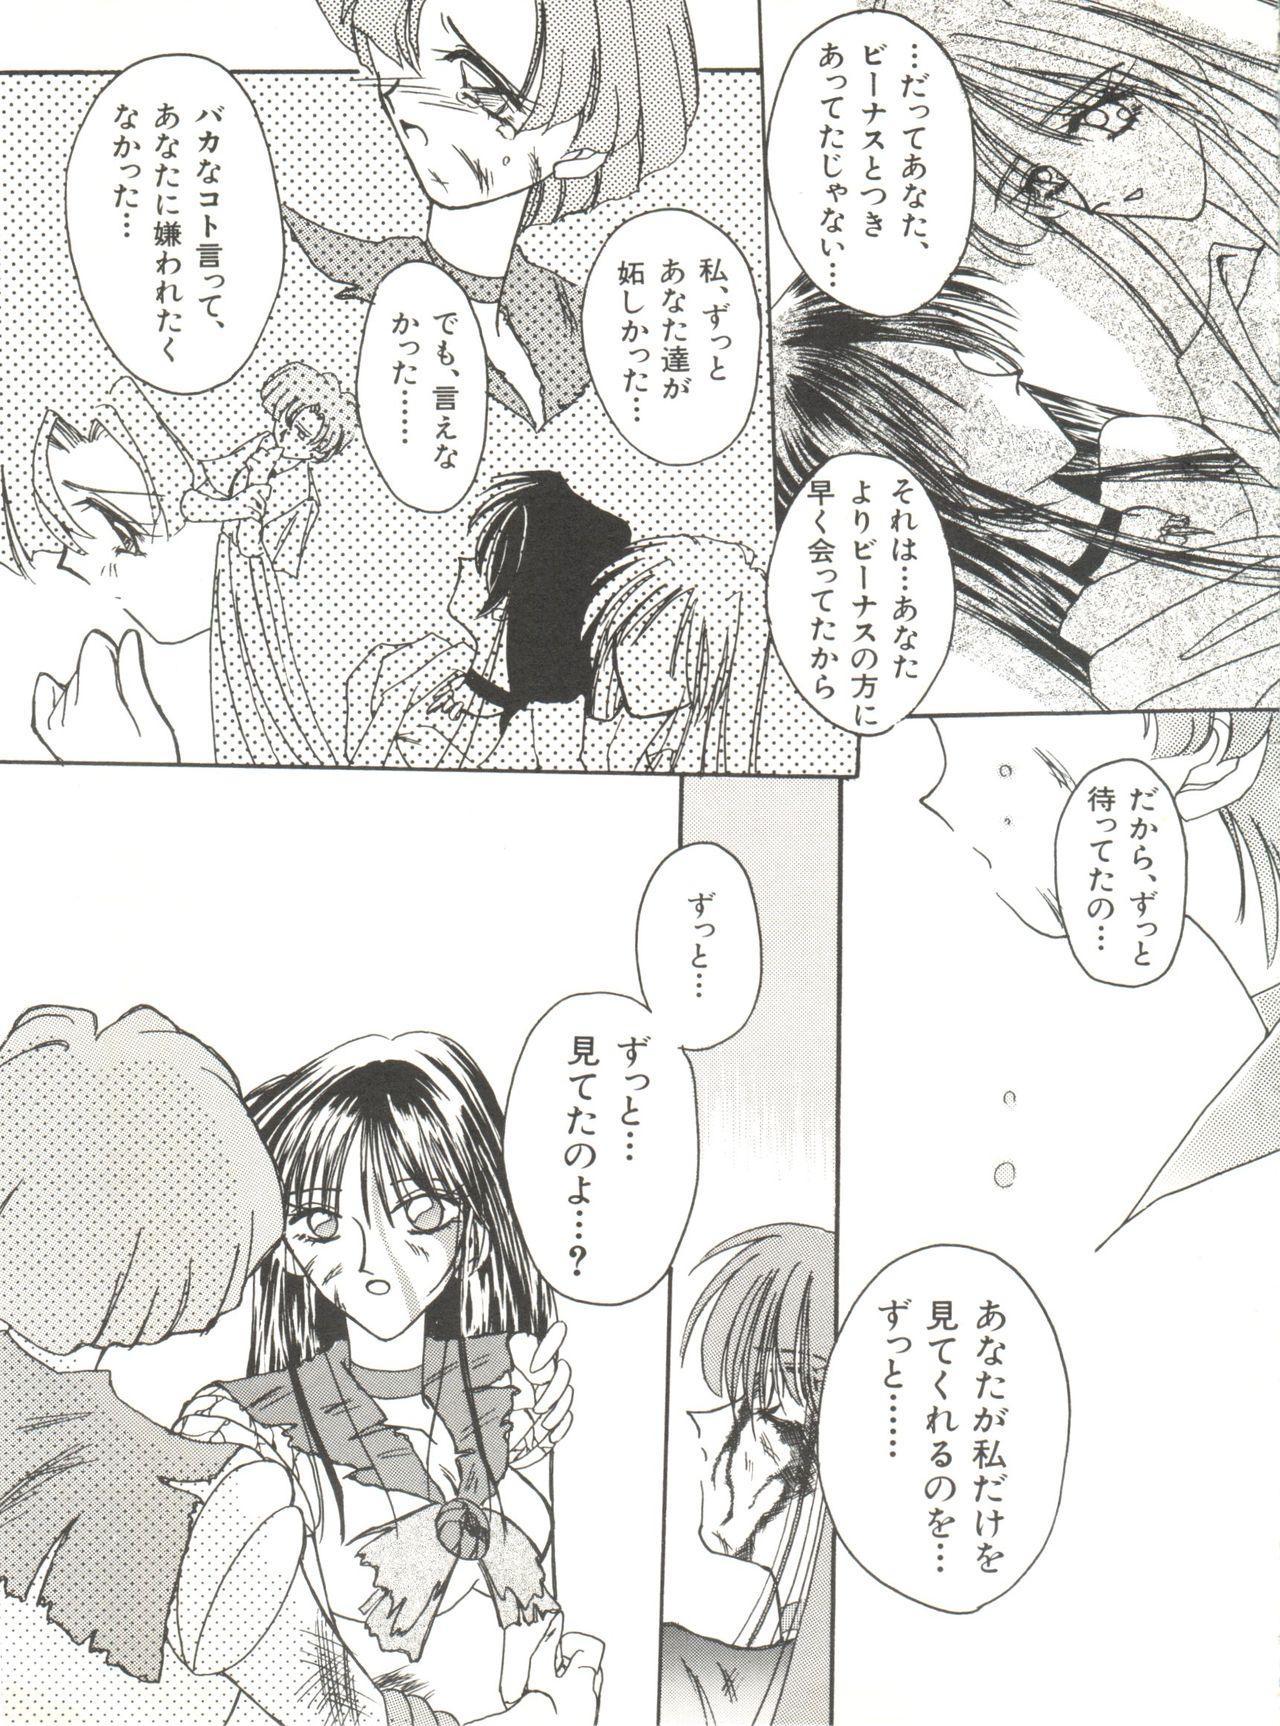 Bishoujo Doujinshi Anthology 12 - Moon Paradise 7 Tsuki no Rakuen 83